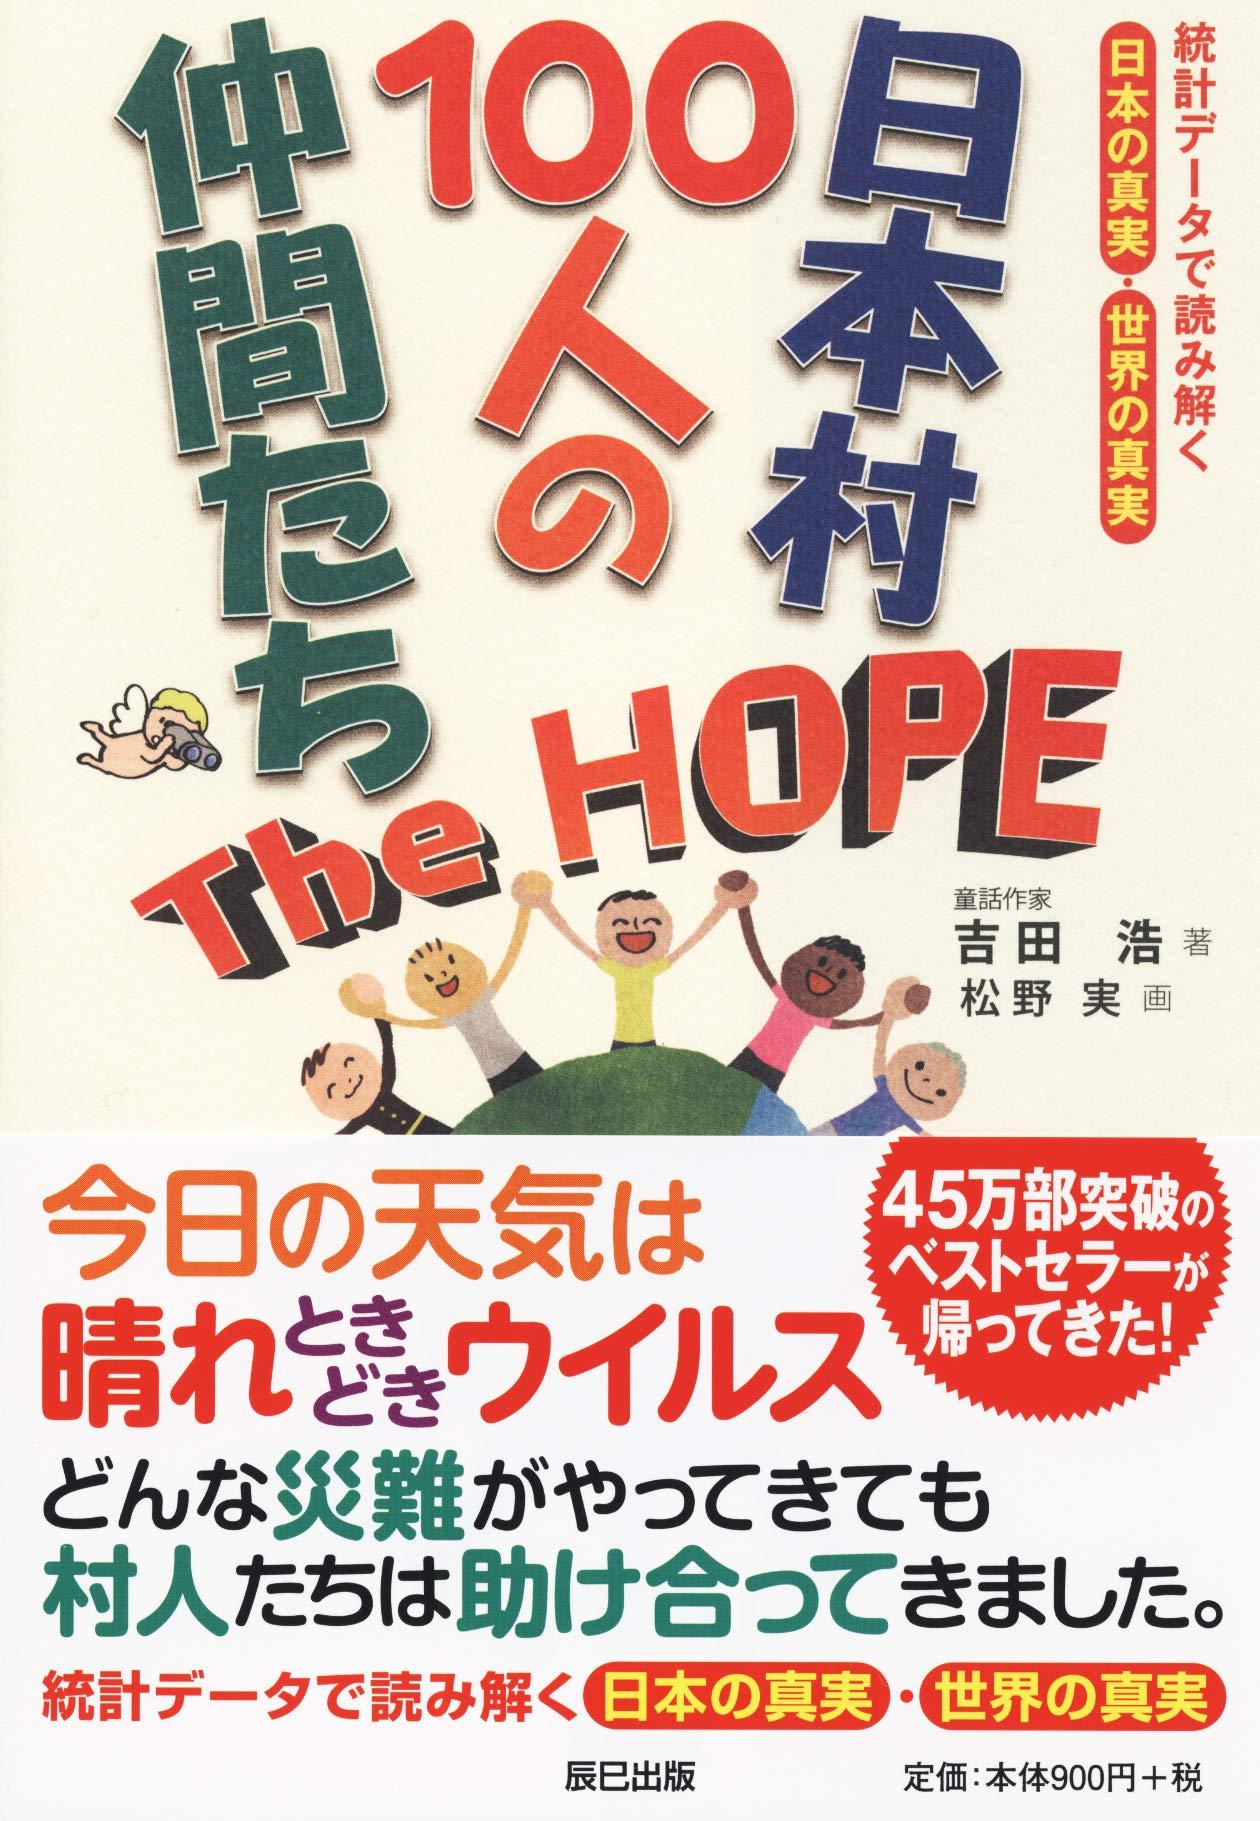 日本村100人の仲間たち -The HOPE-